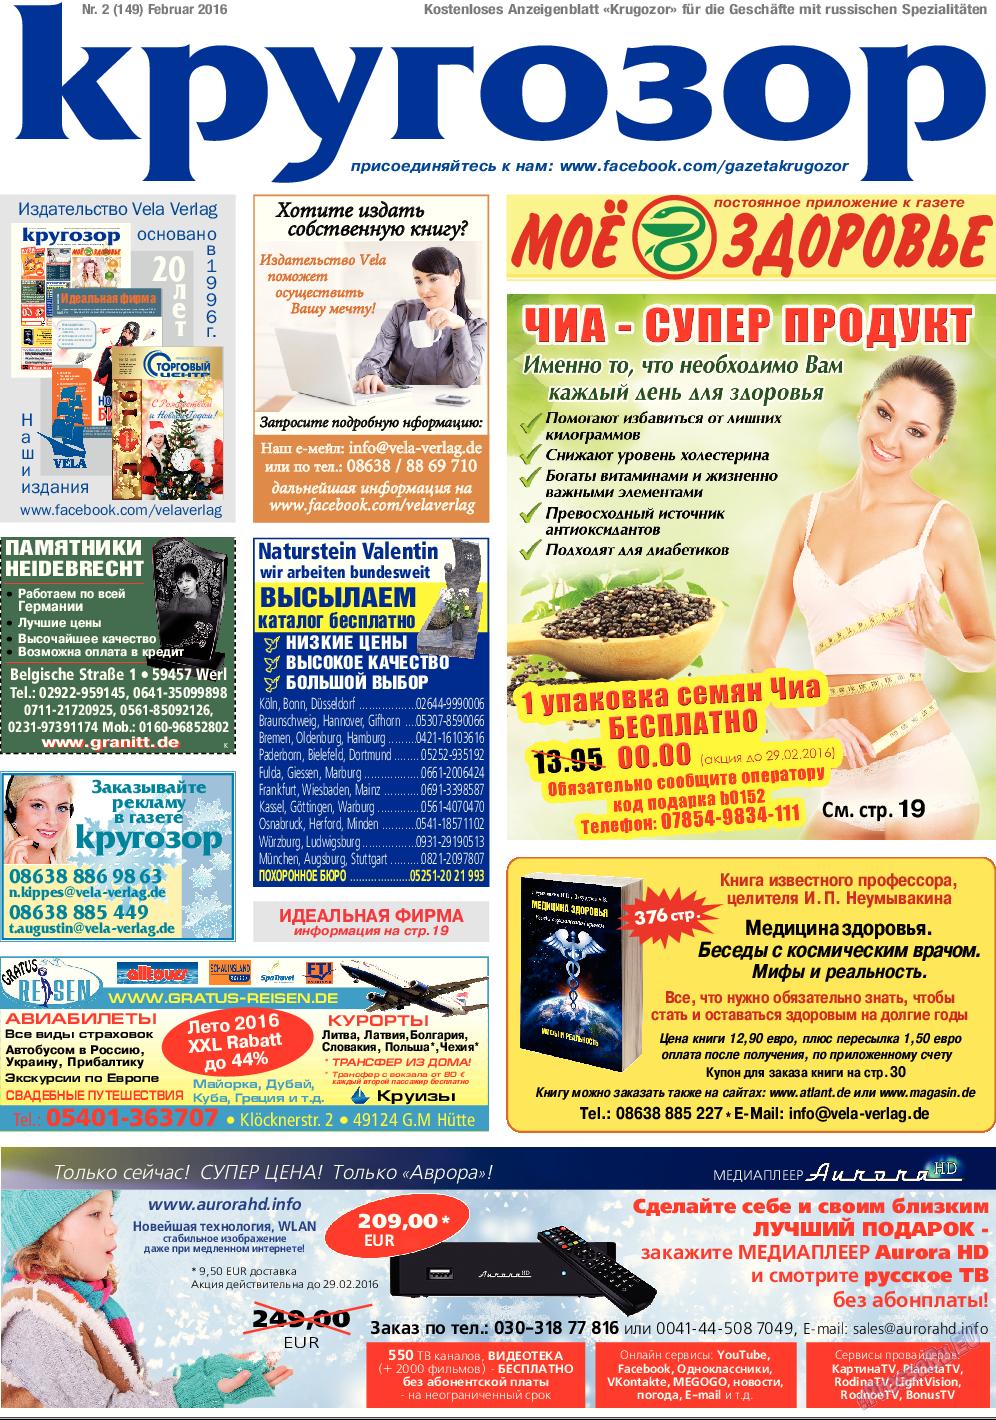 Кругозор (газета). 2016 год, номер 2, стр. 1